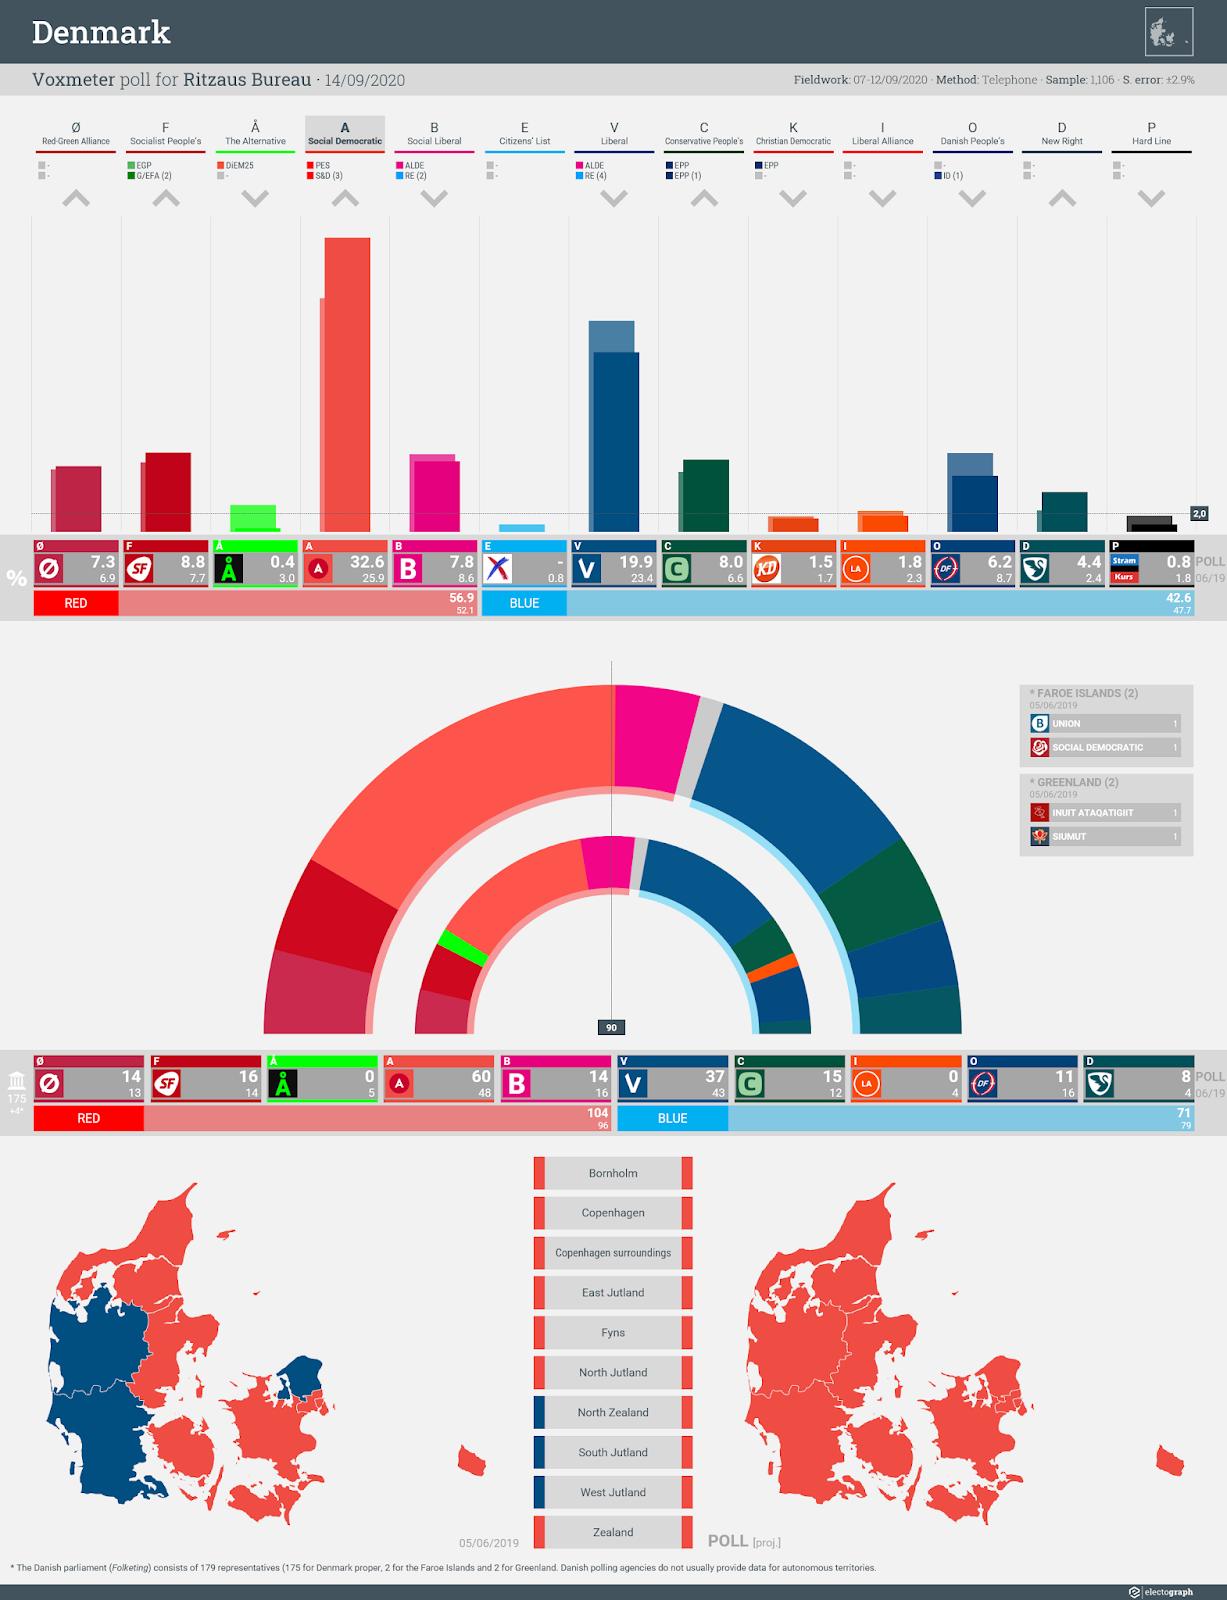 DENMARK: Voxmeter poll chart for Ritzaus Bureau, 14 September 2020